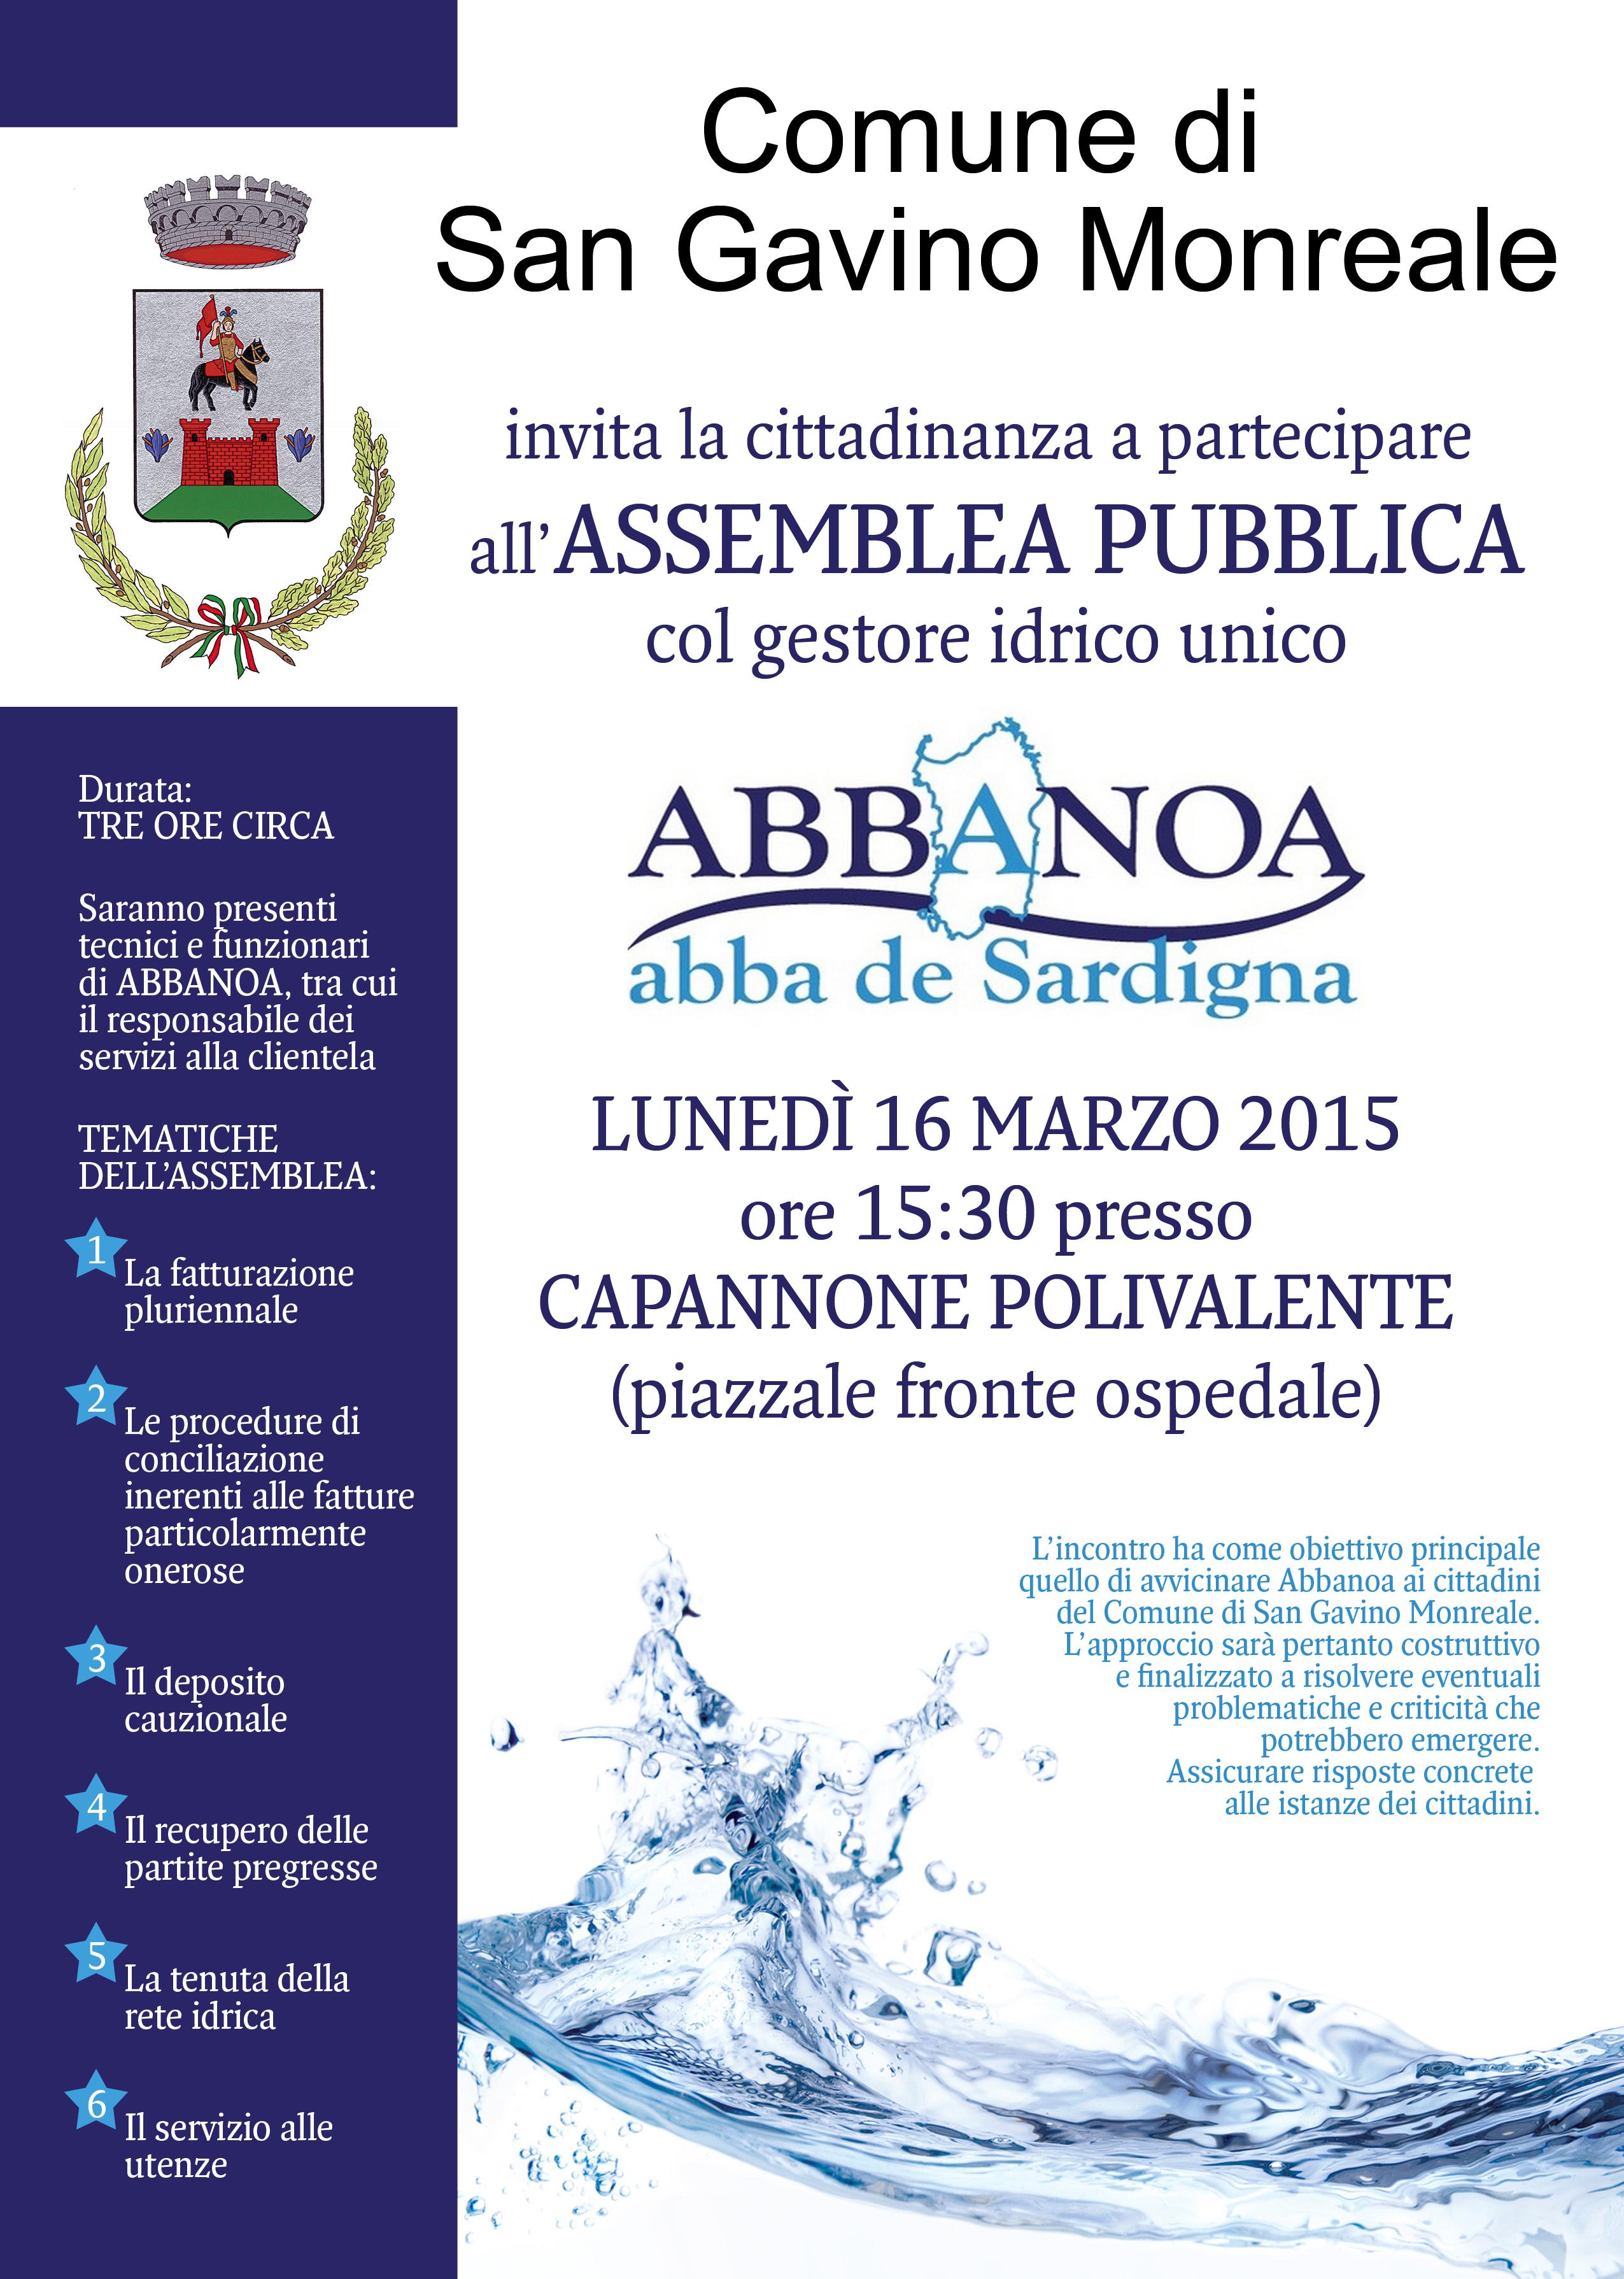 Assemblea pubblica col gestore unico Abbanoa